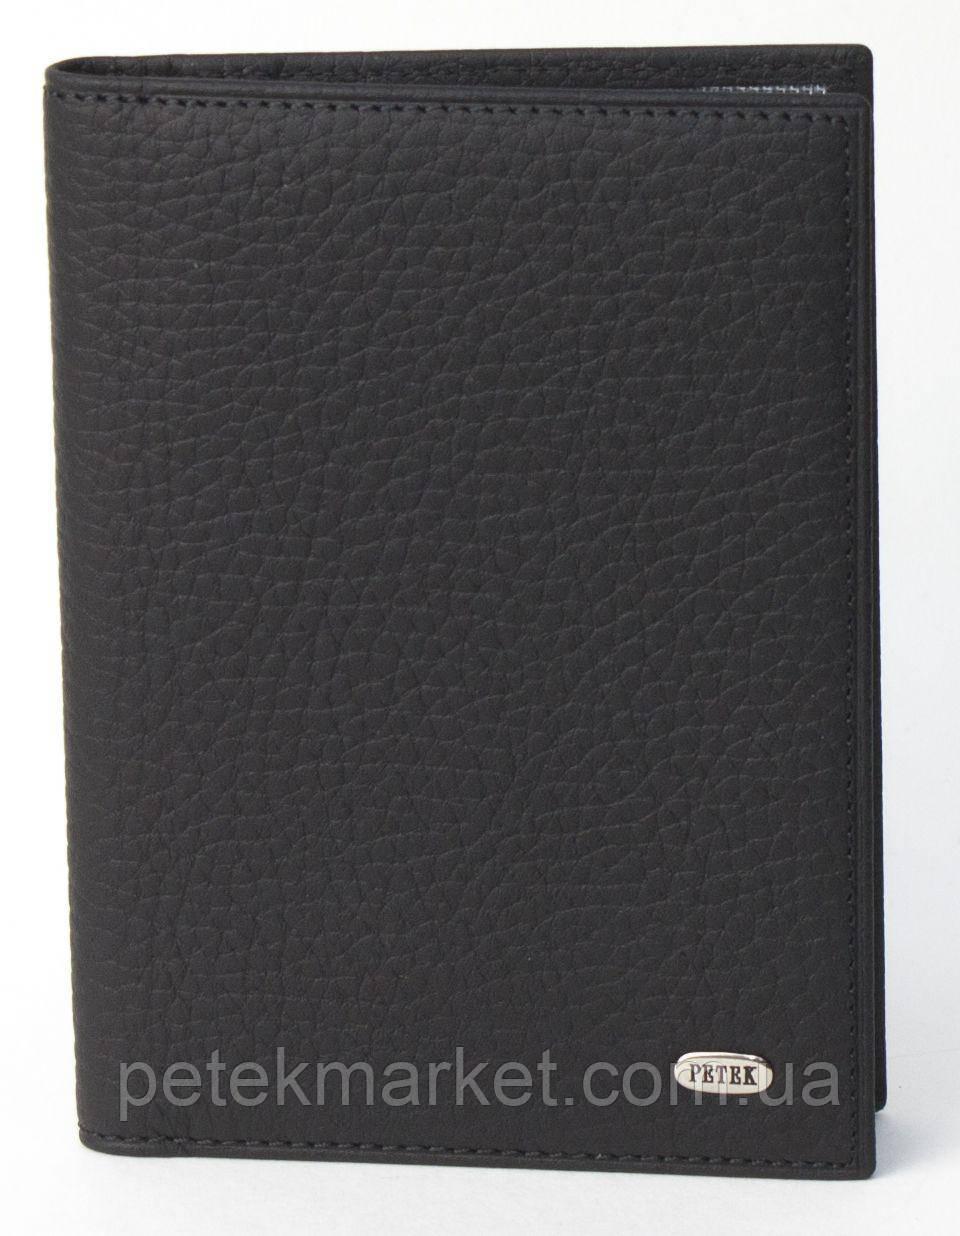 Обложка для прав Petek 584, Черный, Естественная фактура, Матовая